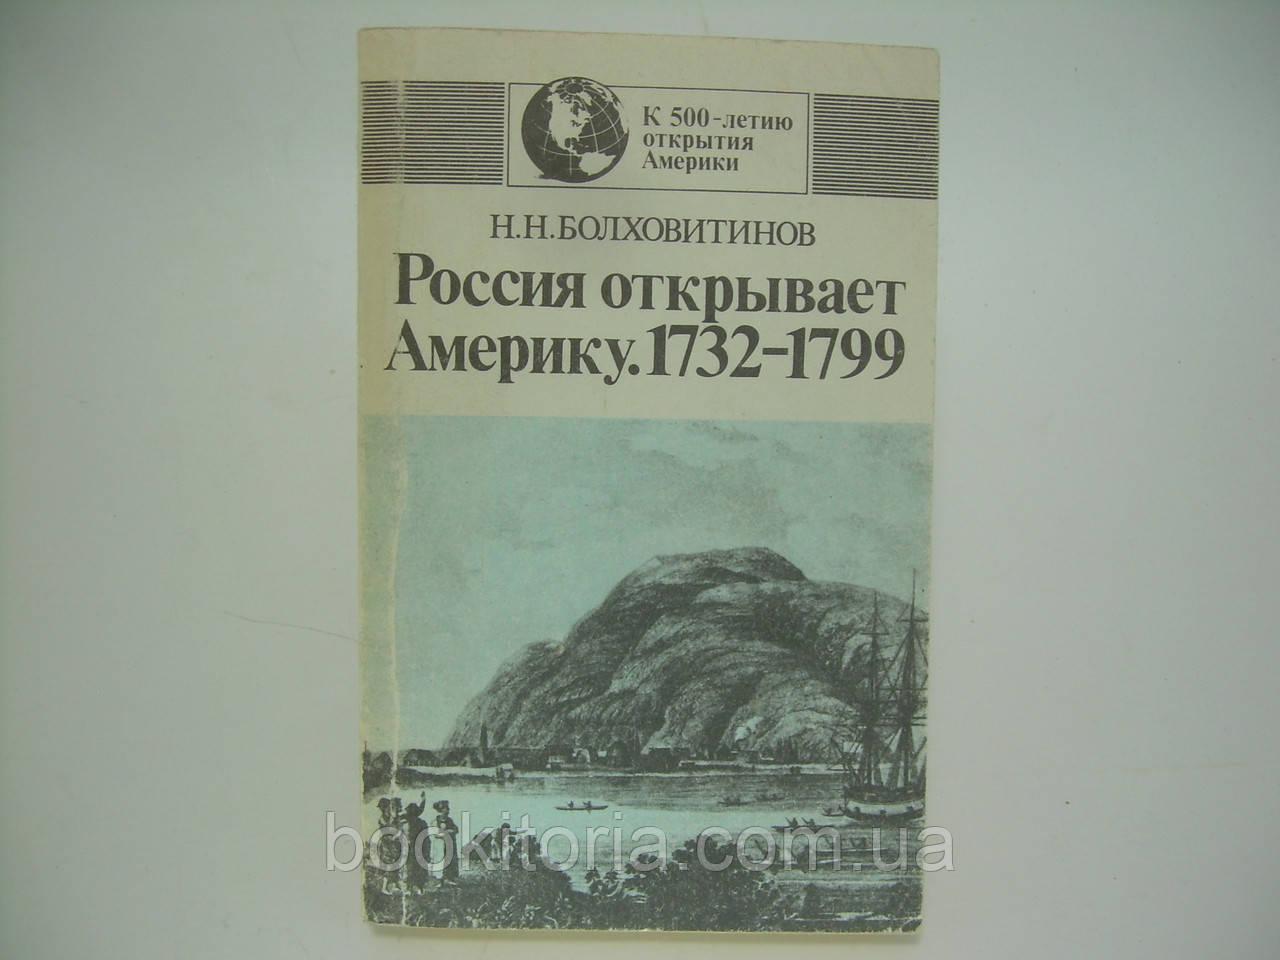 Болховитинов Н.Н. Россия открывает Америку. 1732 – 1799 (б/у).